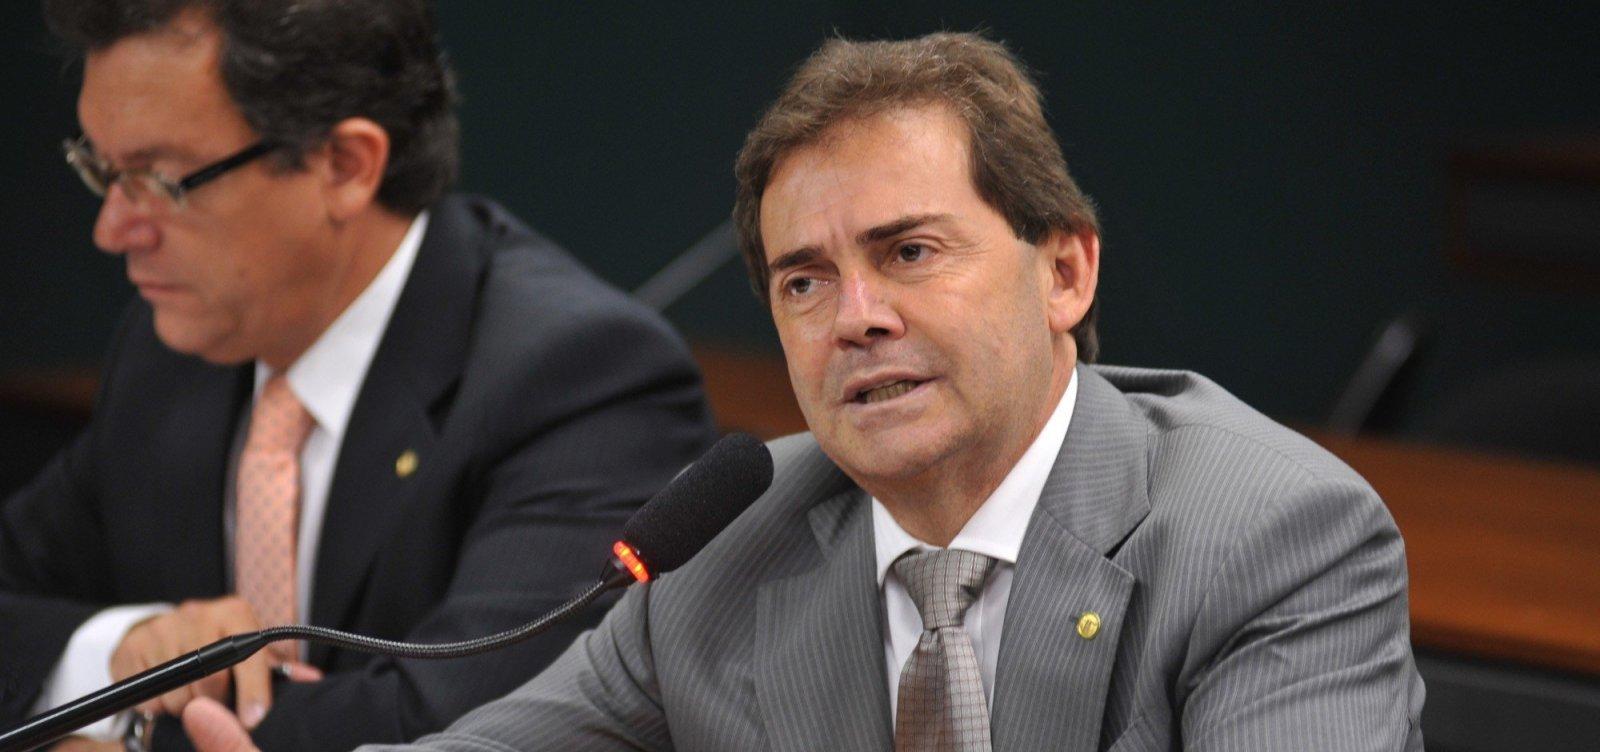 [Paulinho da Força afirma que ACM Neto 'vacilou' ao decidir apoiar Alckmin]